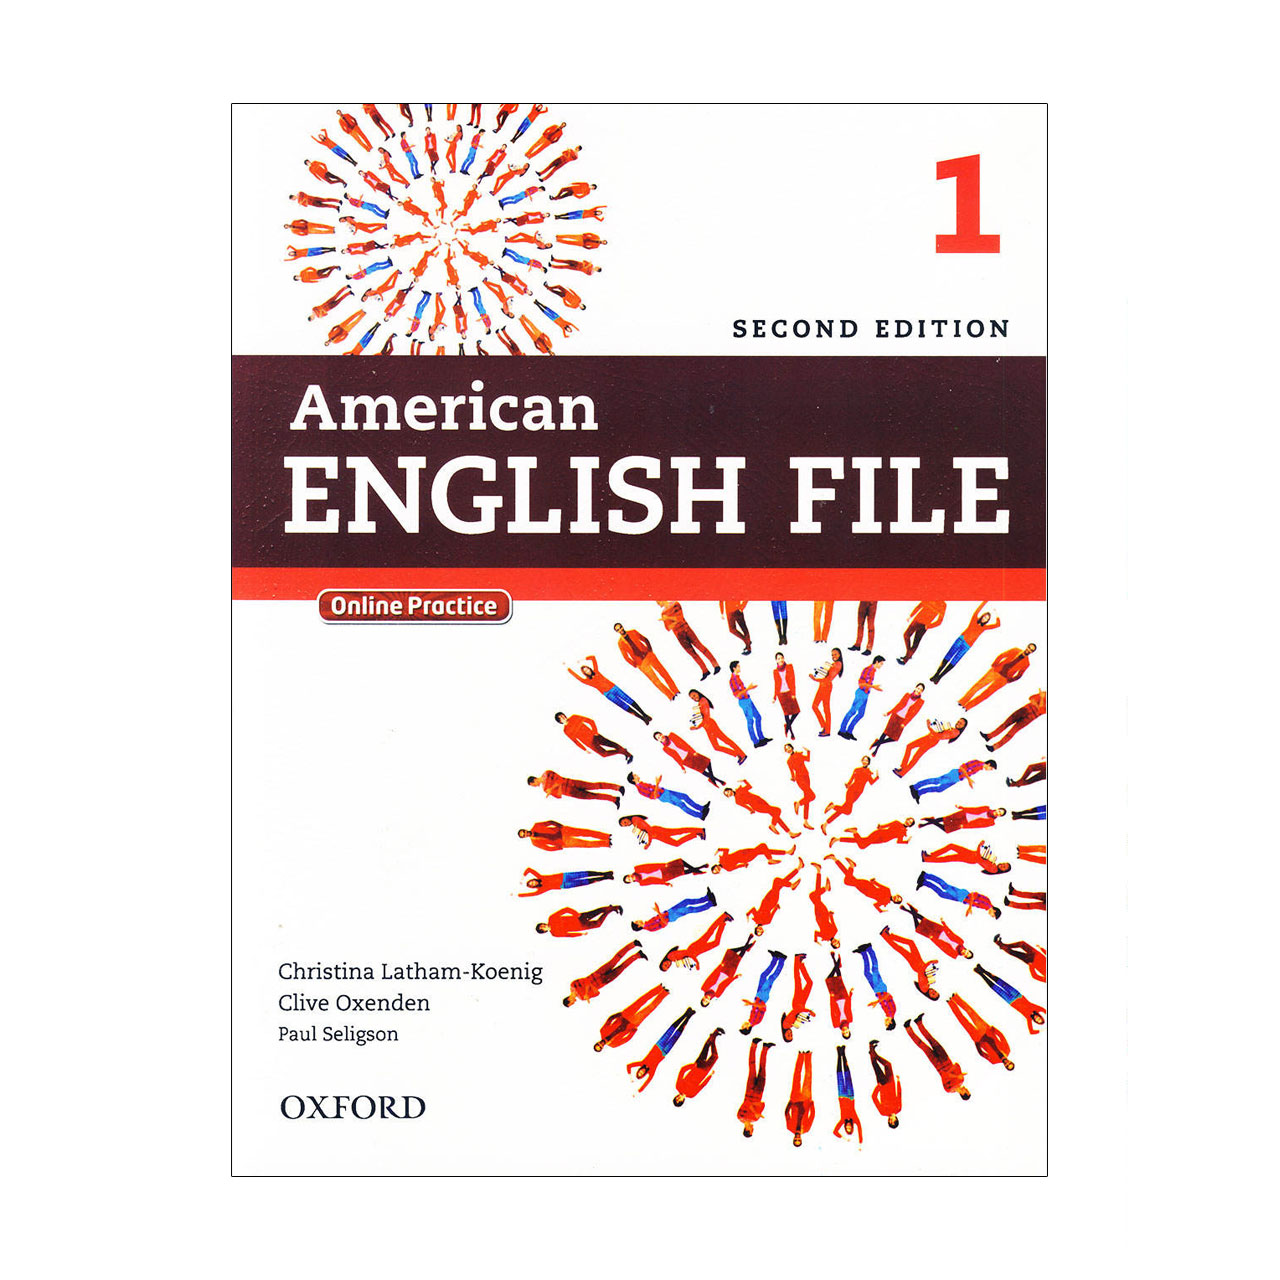 خرید                      کتاب American English File 1 اثر جمعی از نویسندگان انتشارات Oxford